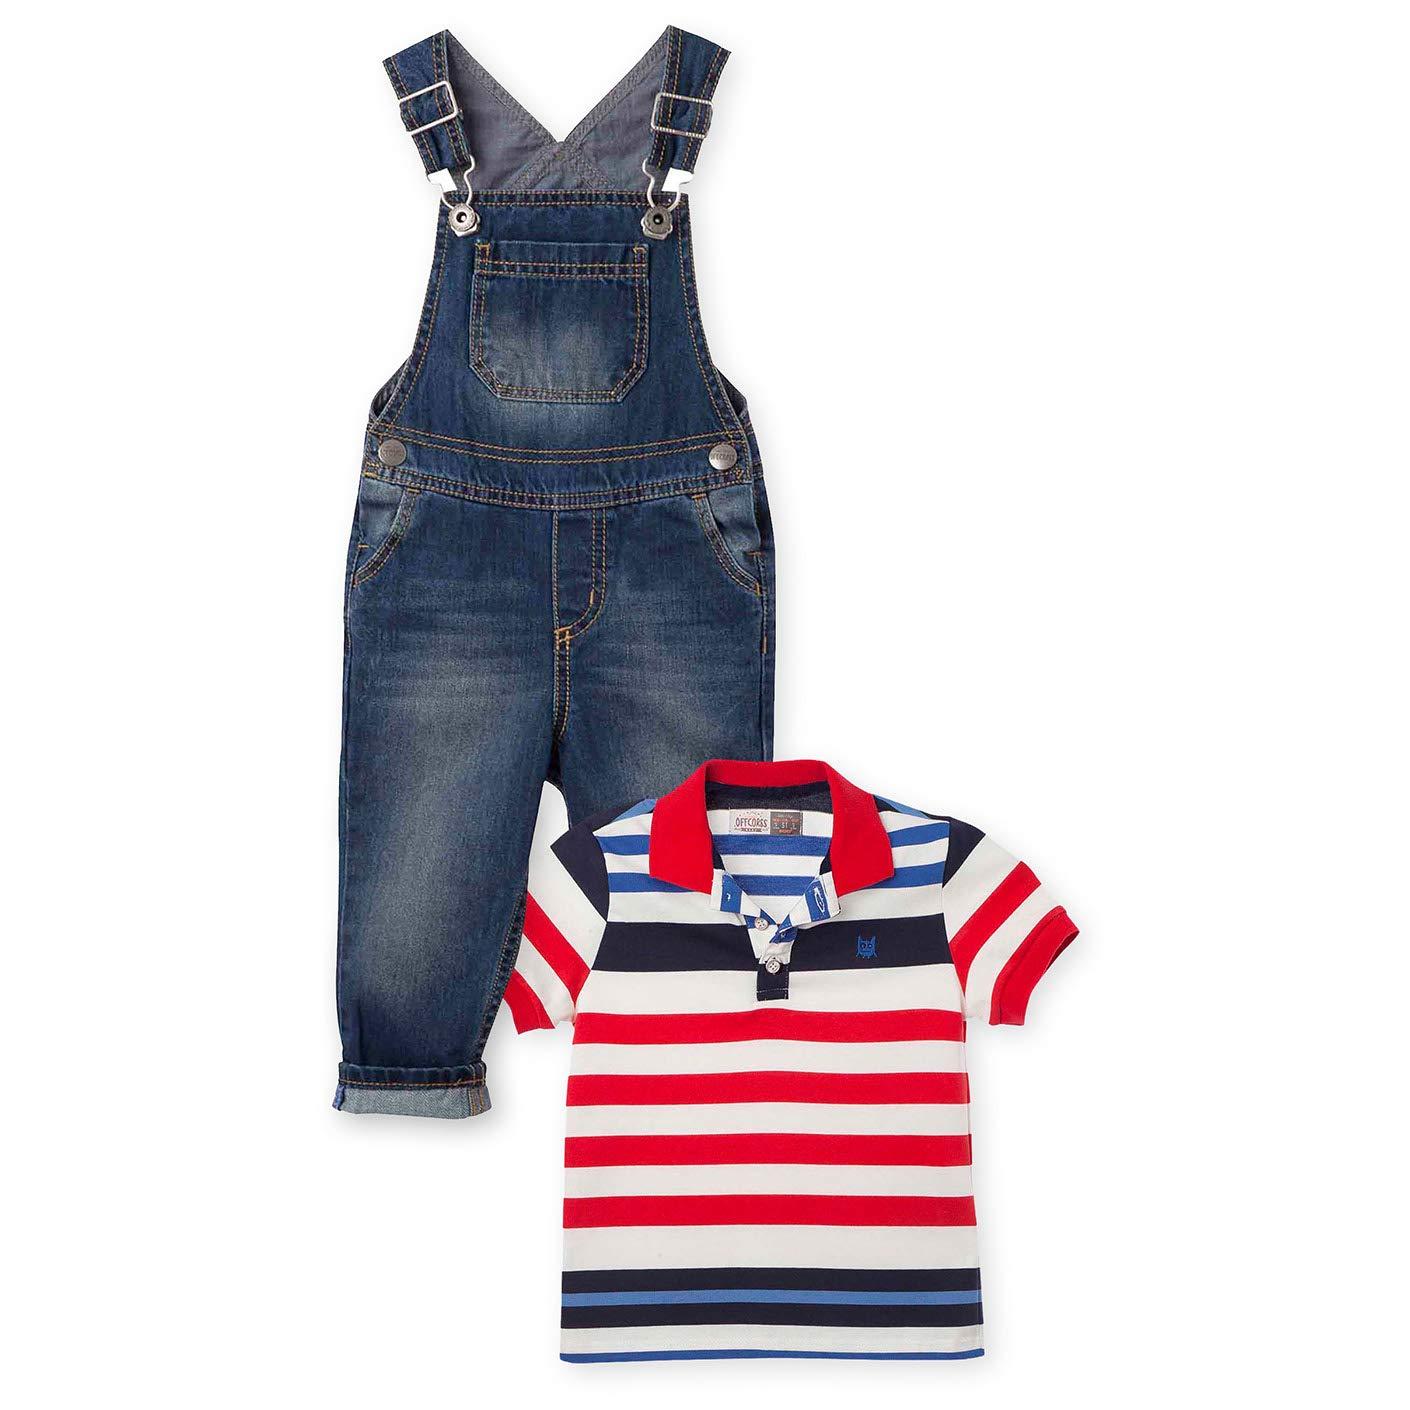 OFFCORSS Baby Toddler Boy Overall Pique Polo Shirt Outfit Conjunto Bebe Niño